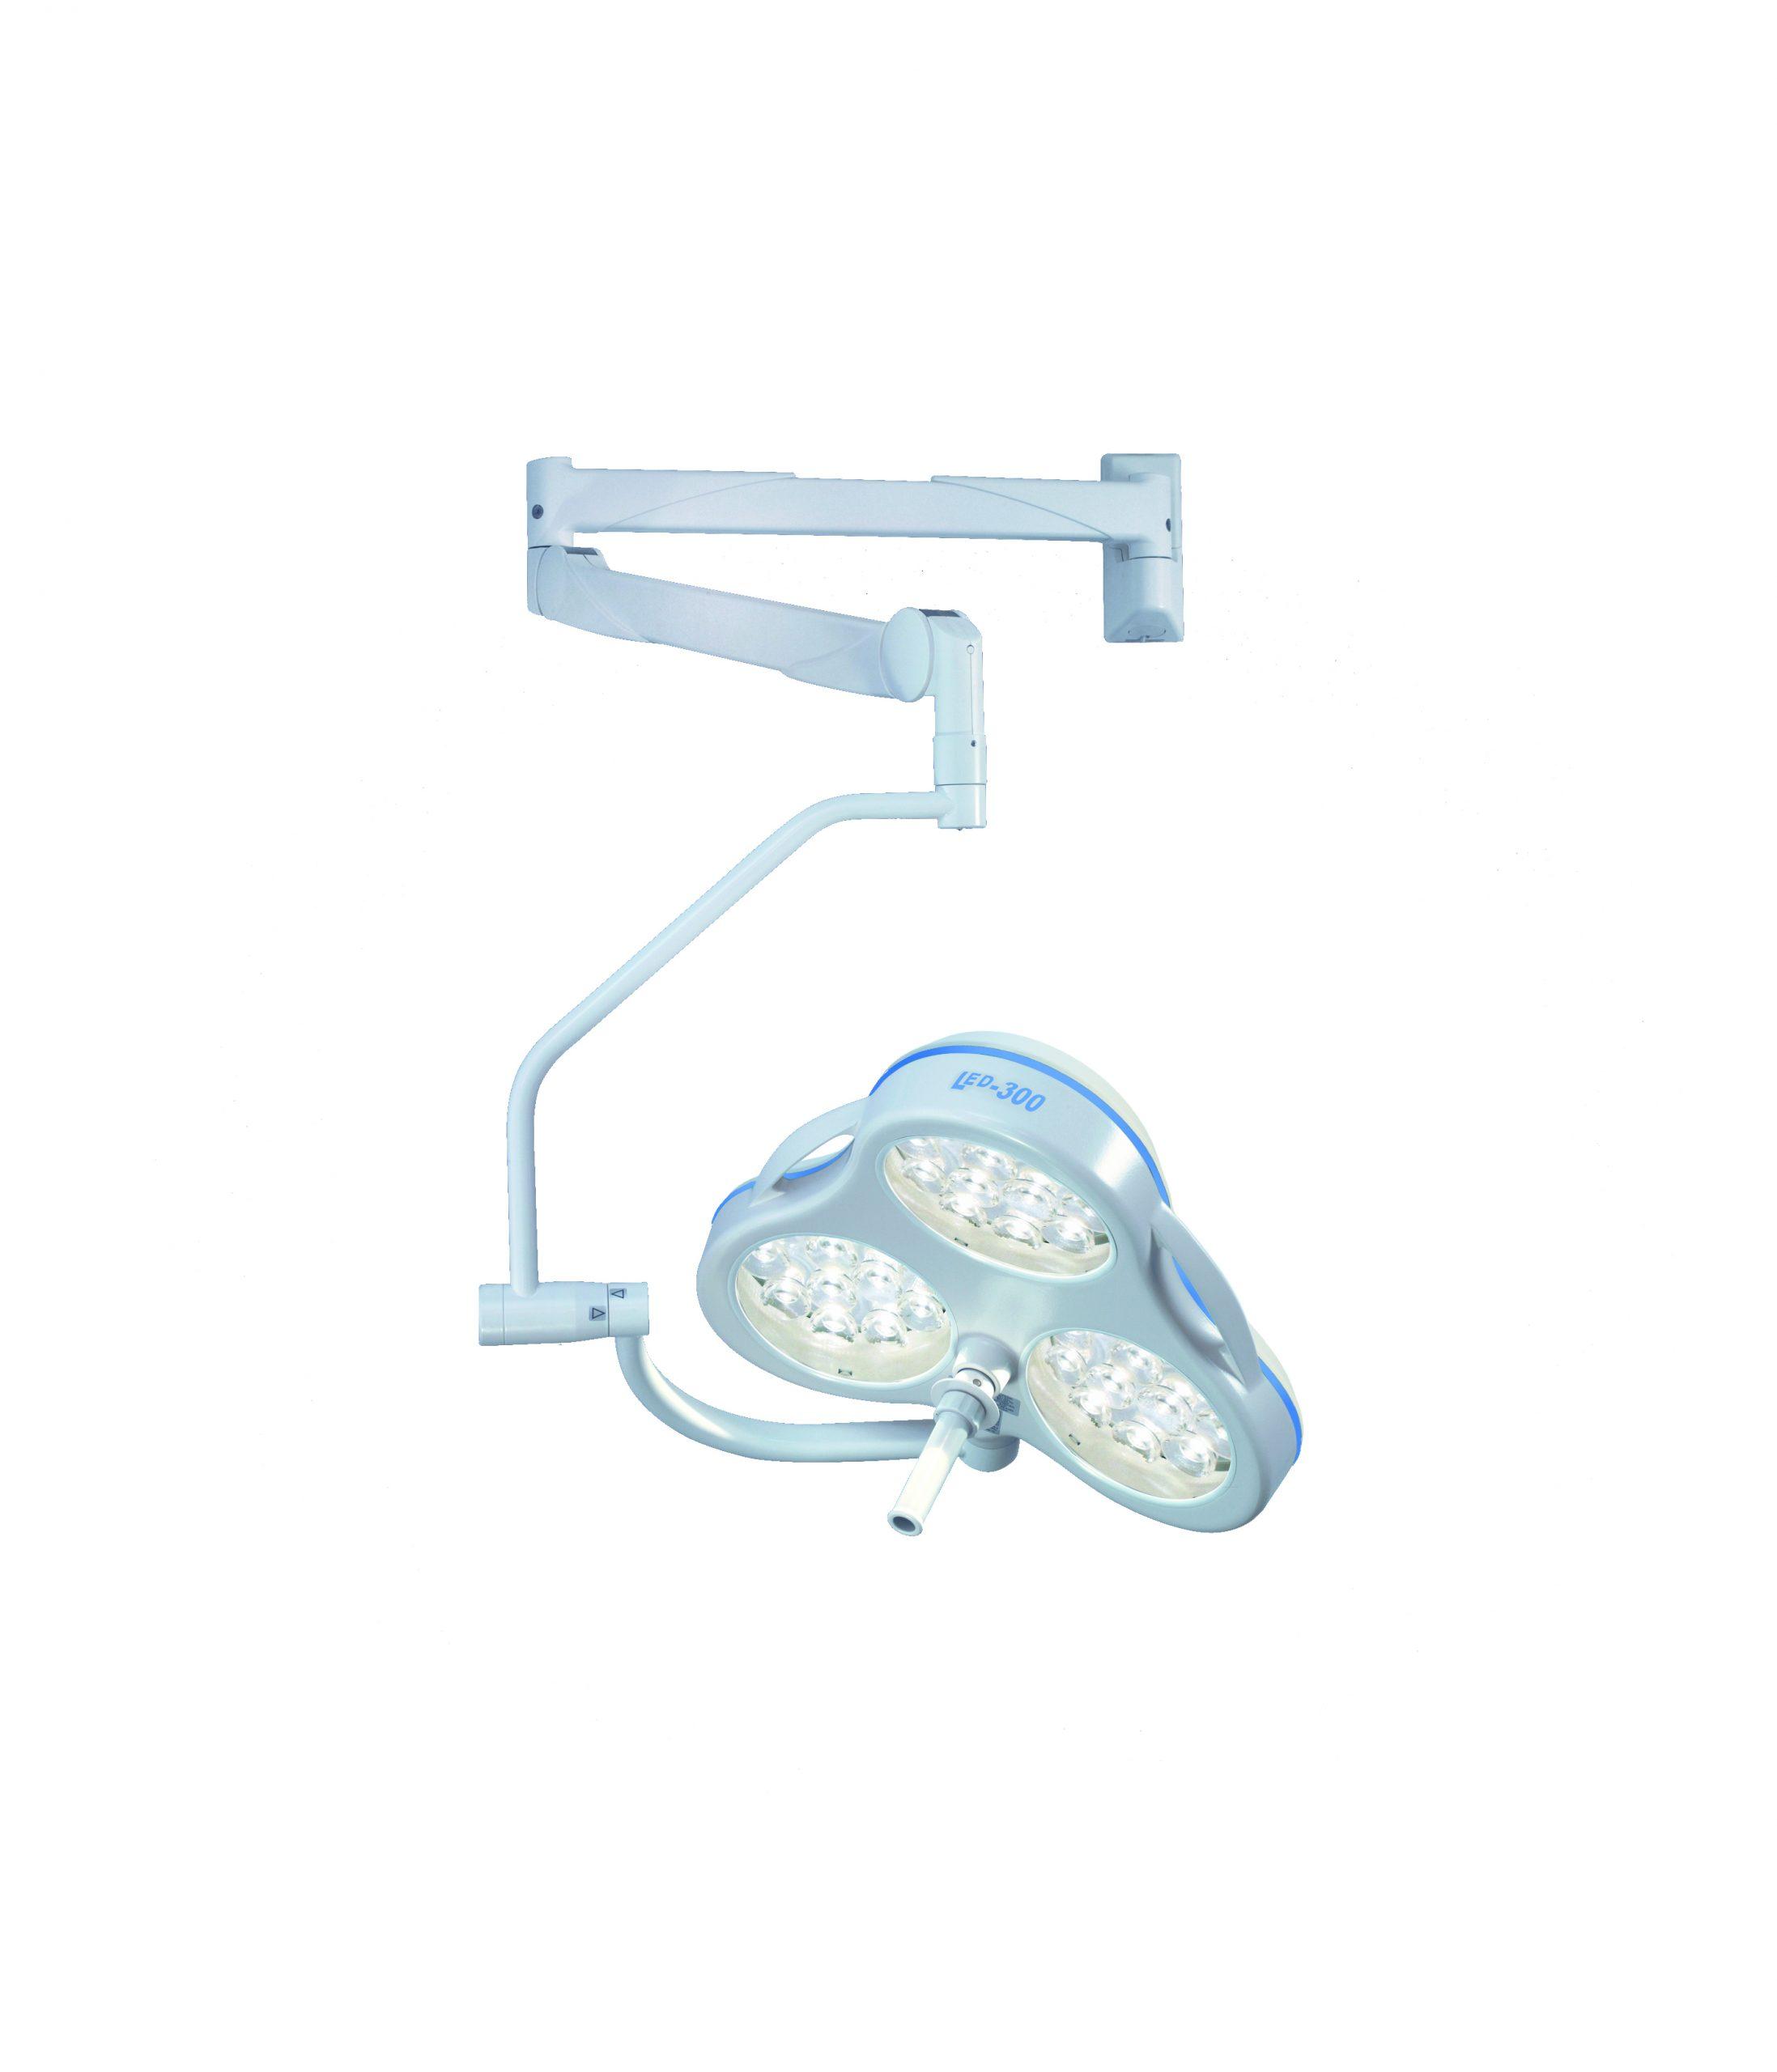 Onderzoekslamp-LED300-Wand